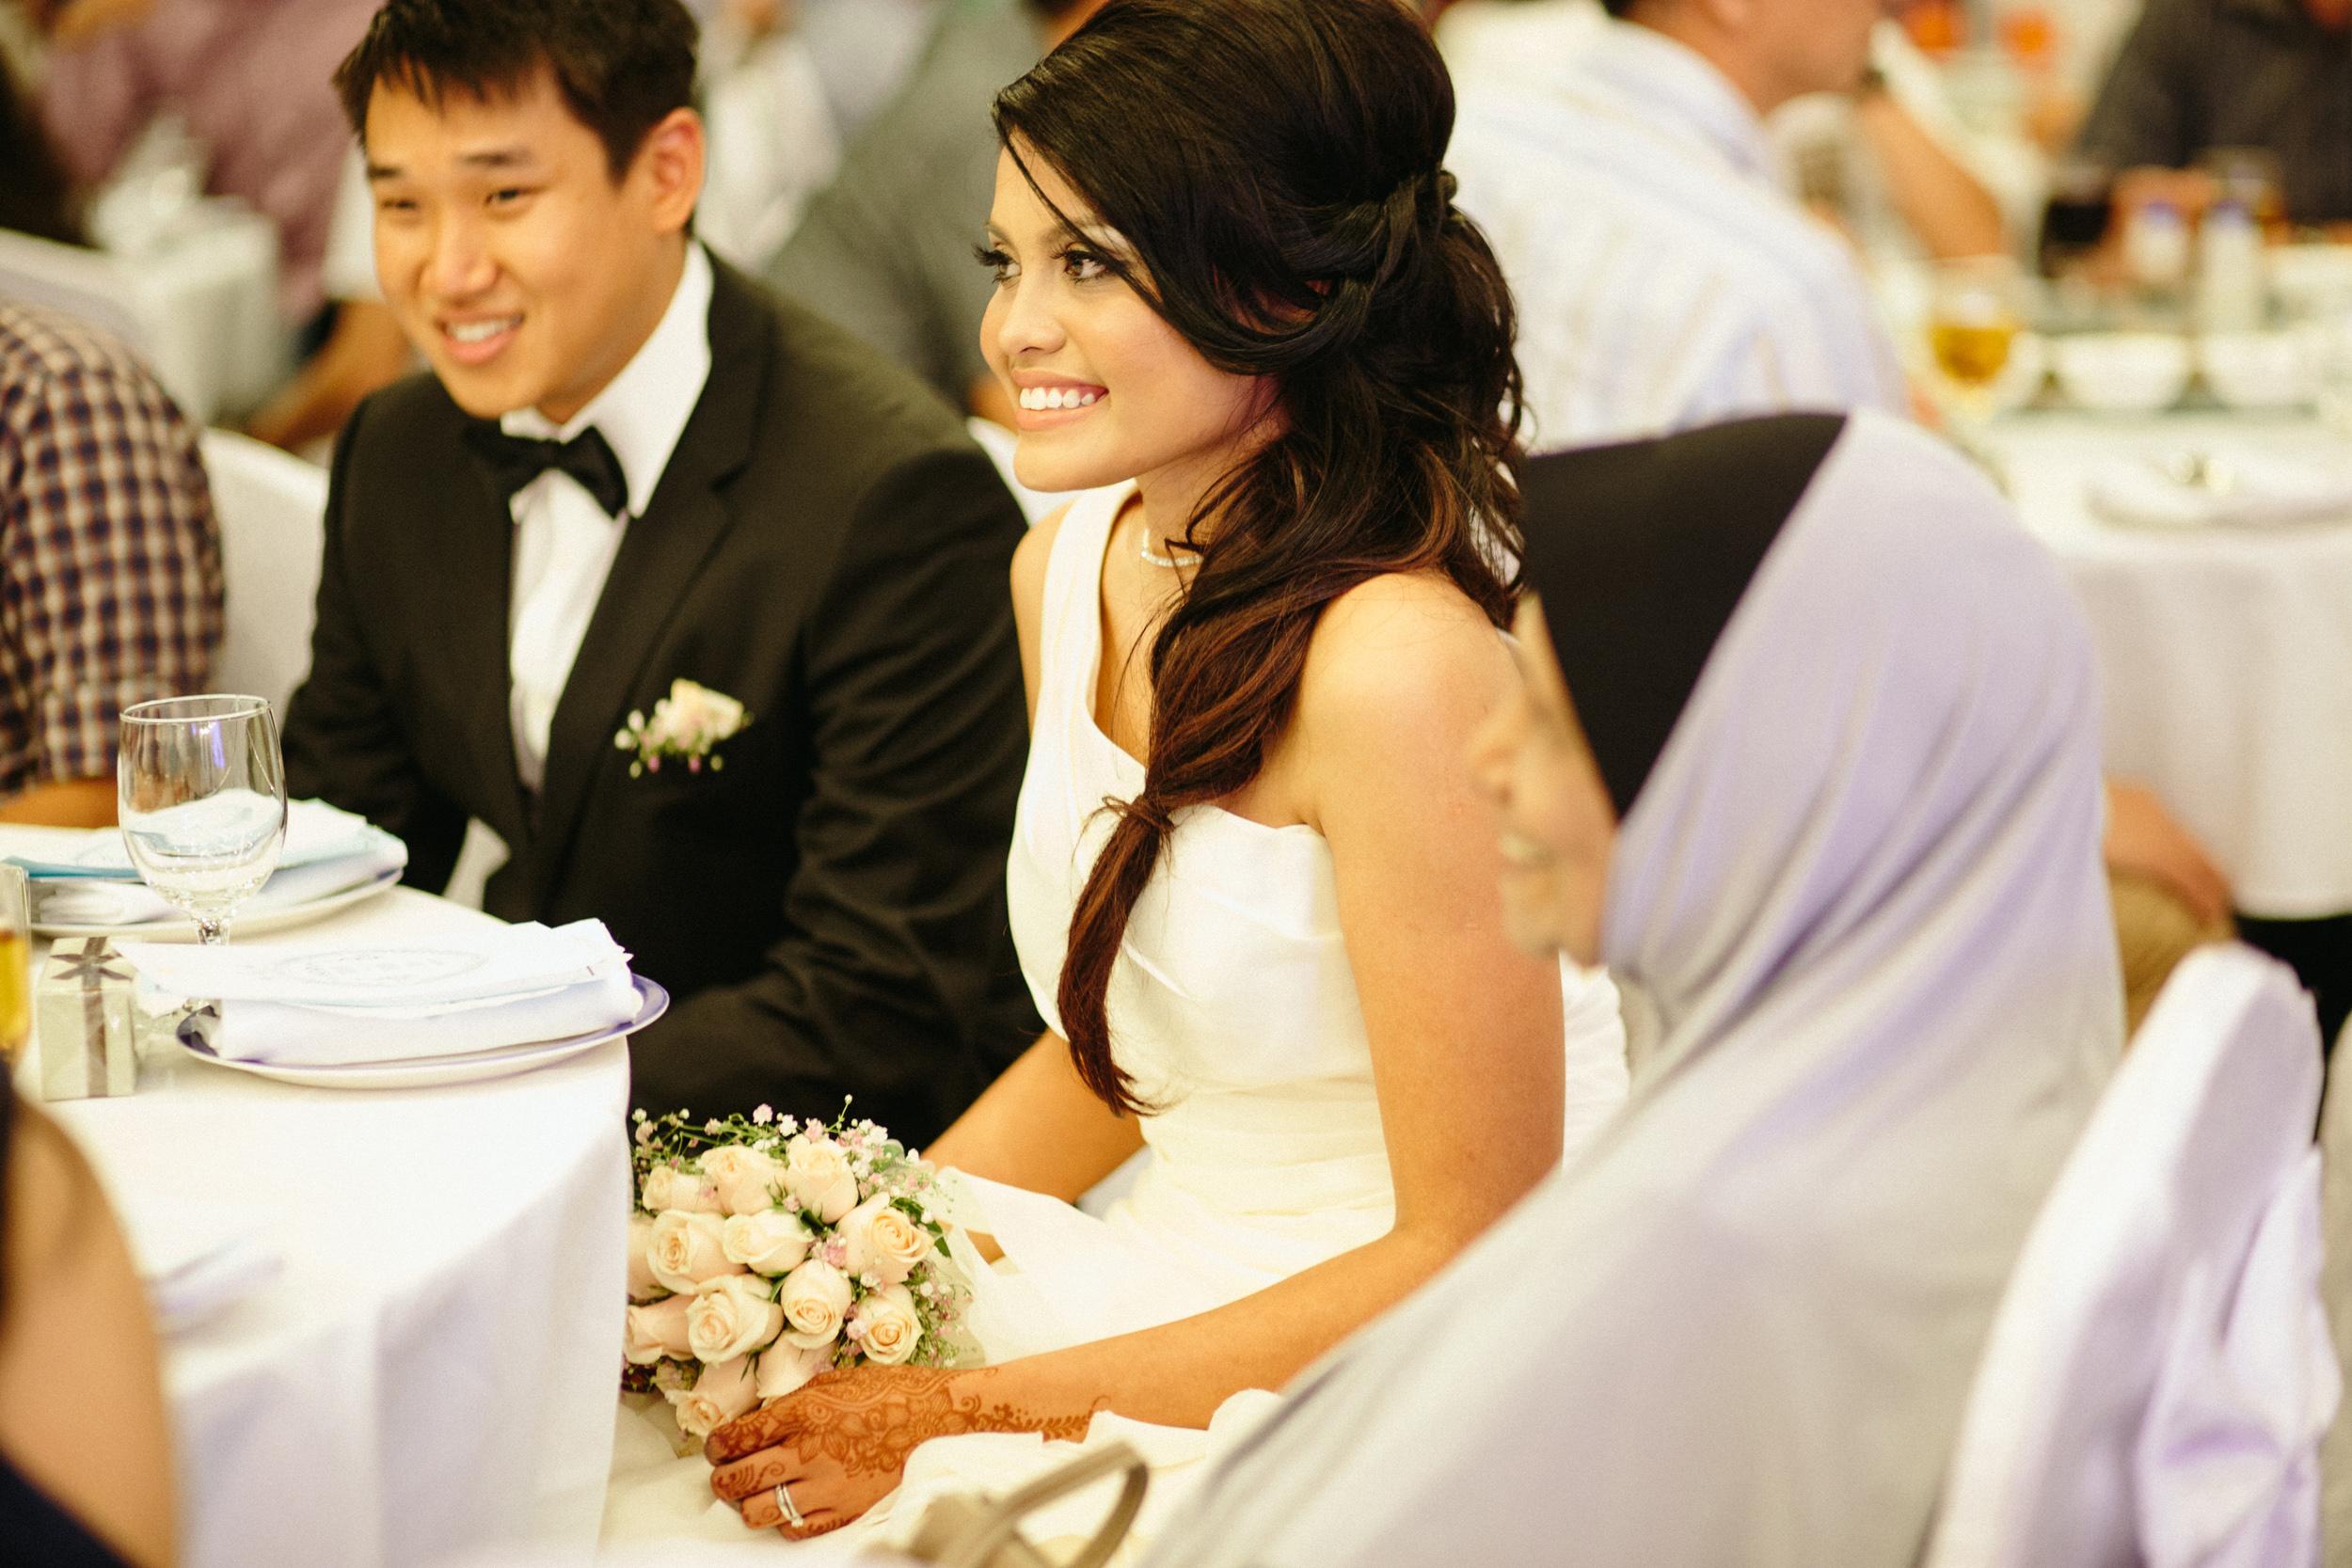 singapore-wedding-photographer-wemadethese-shikin-yanho-065.jpg